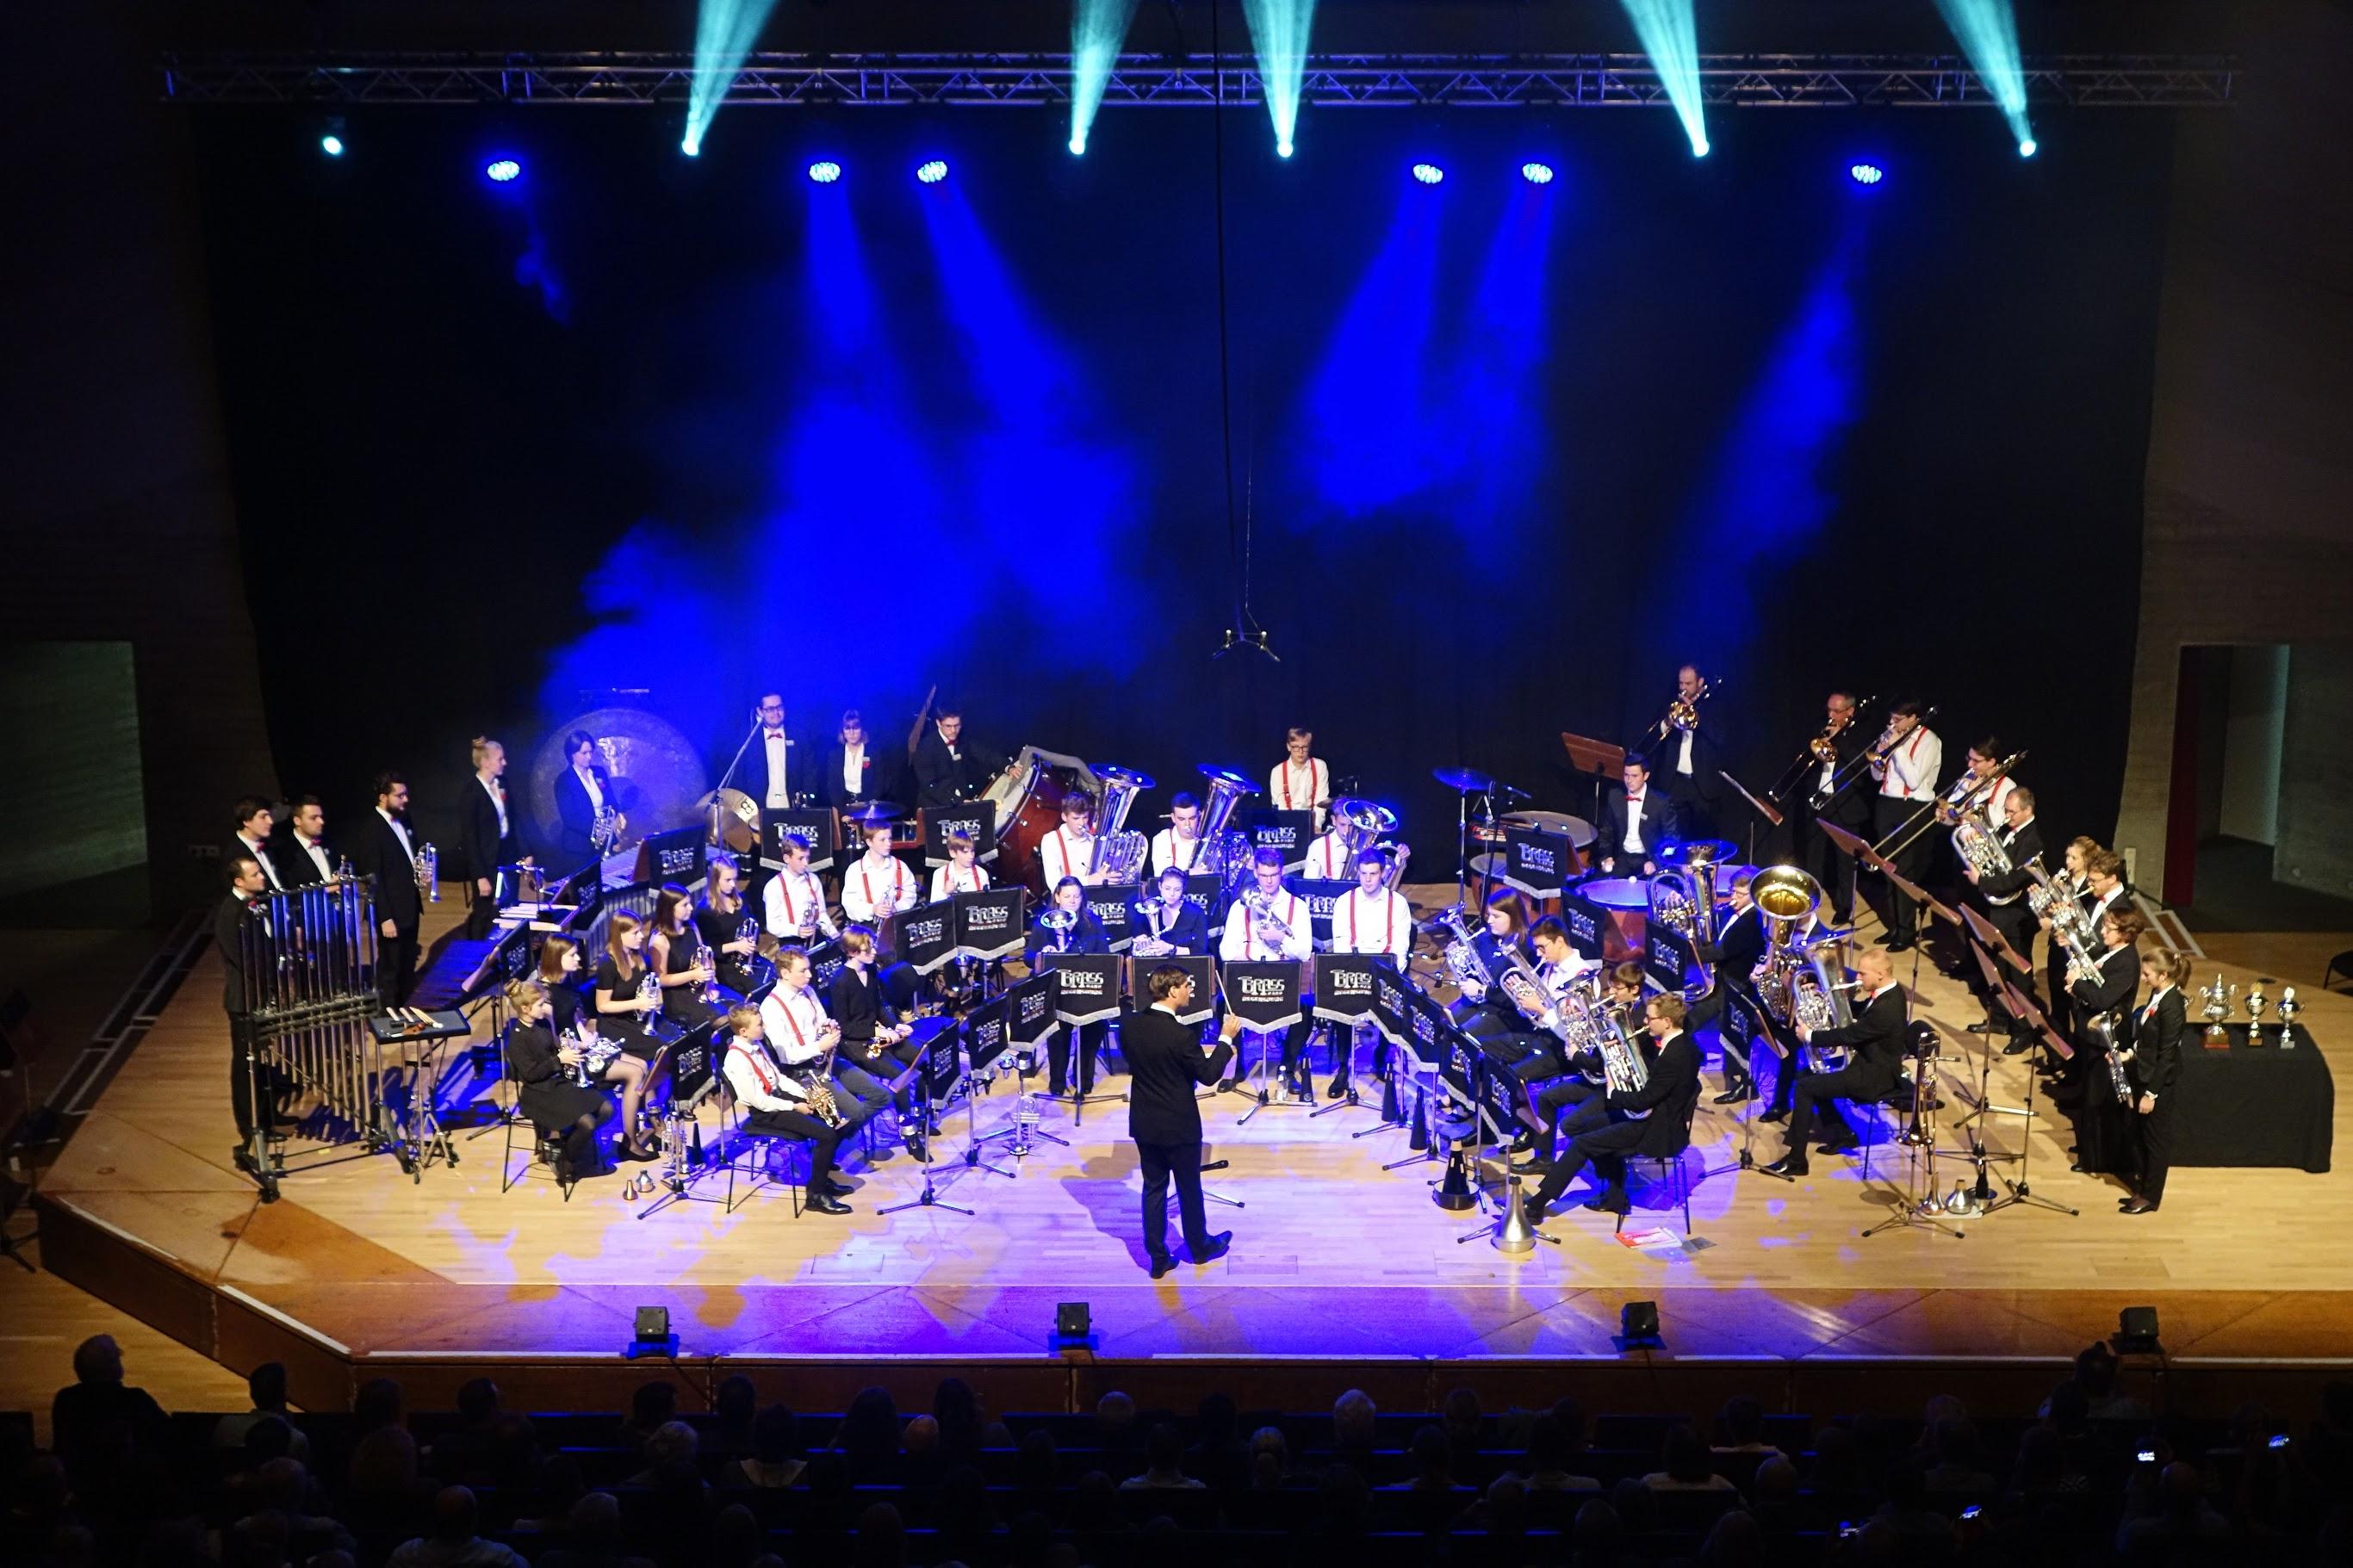 Abschlusskonzert des Brass Band Camps 2021